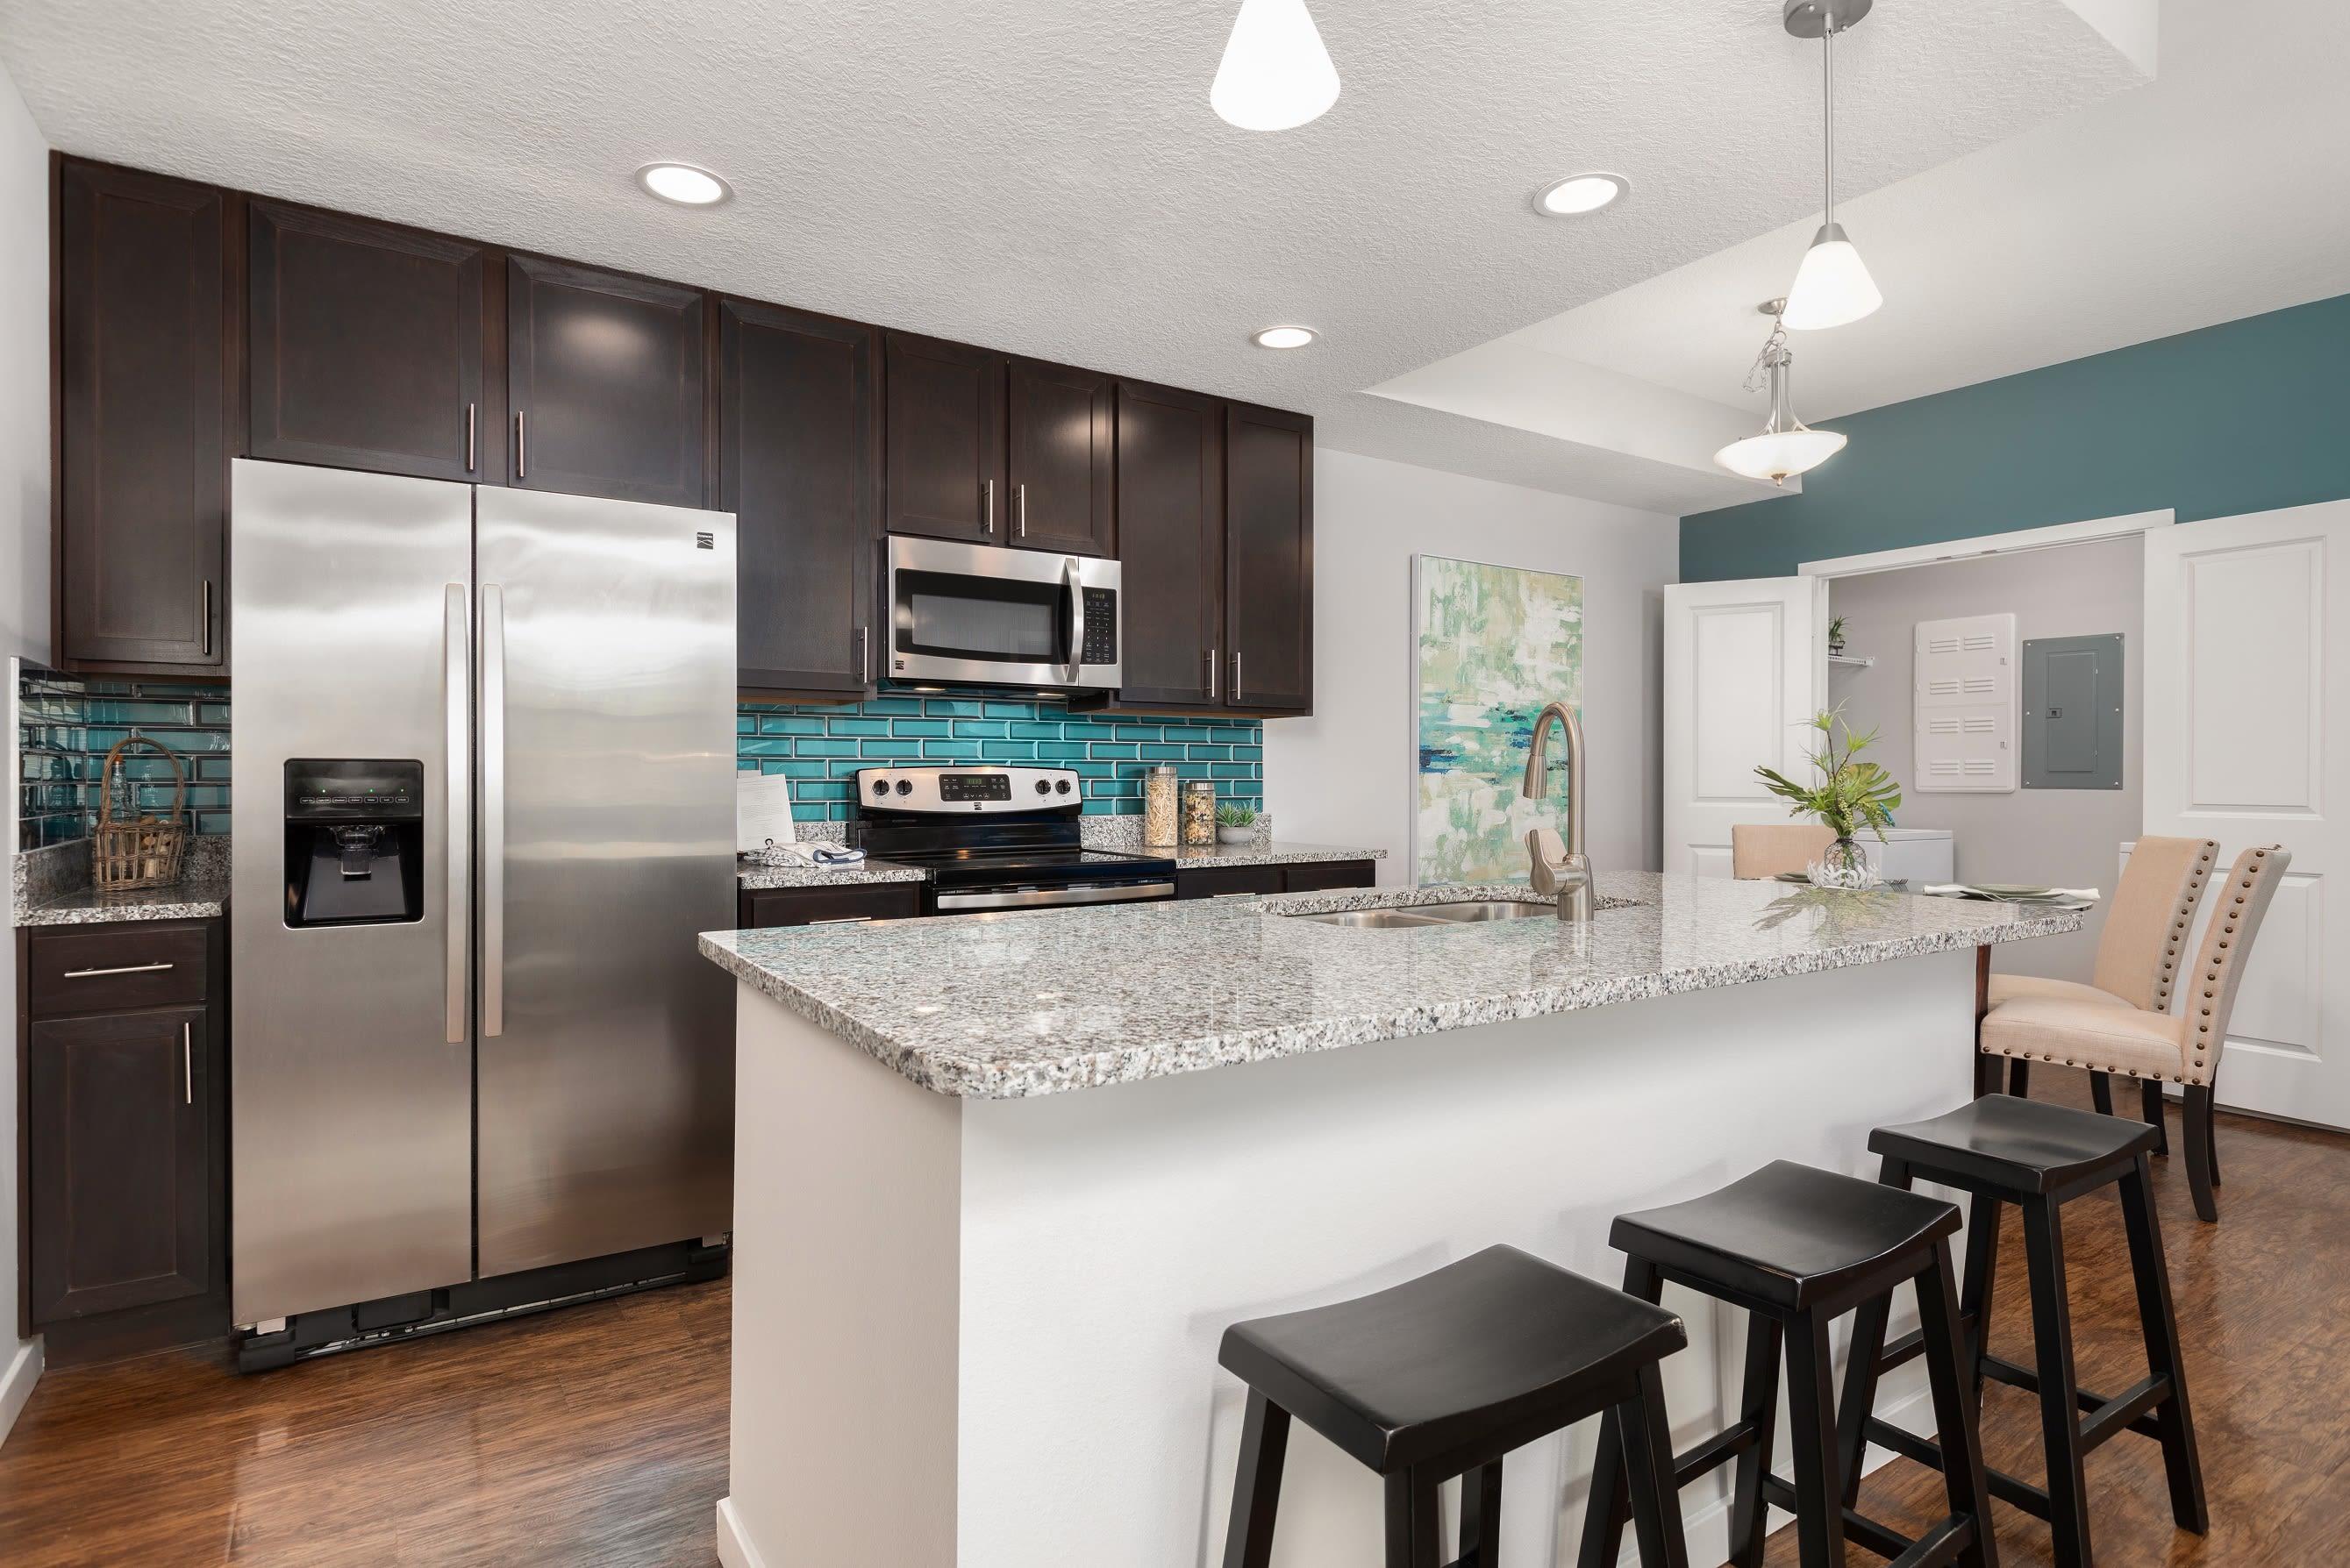 High Ridge Landing spacious kitchen in Boynton Beach, Florida